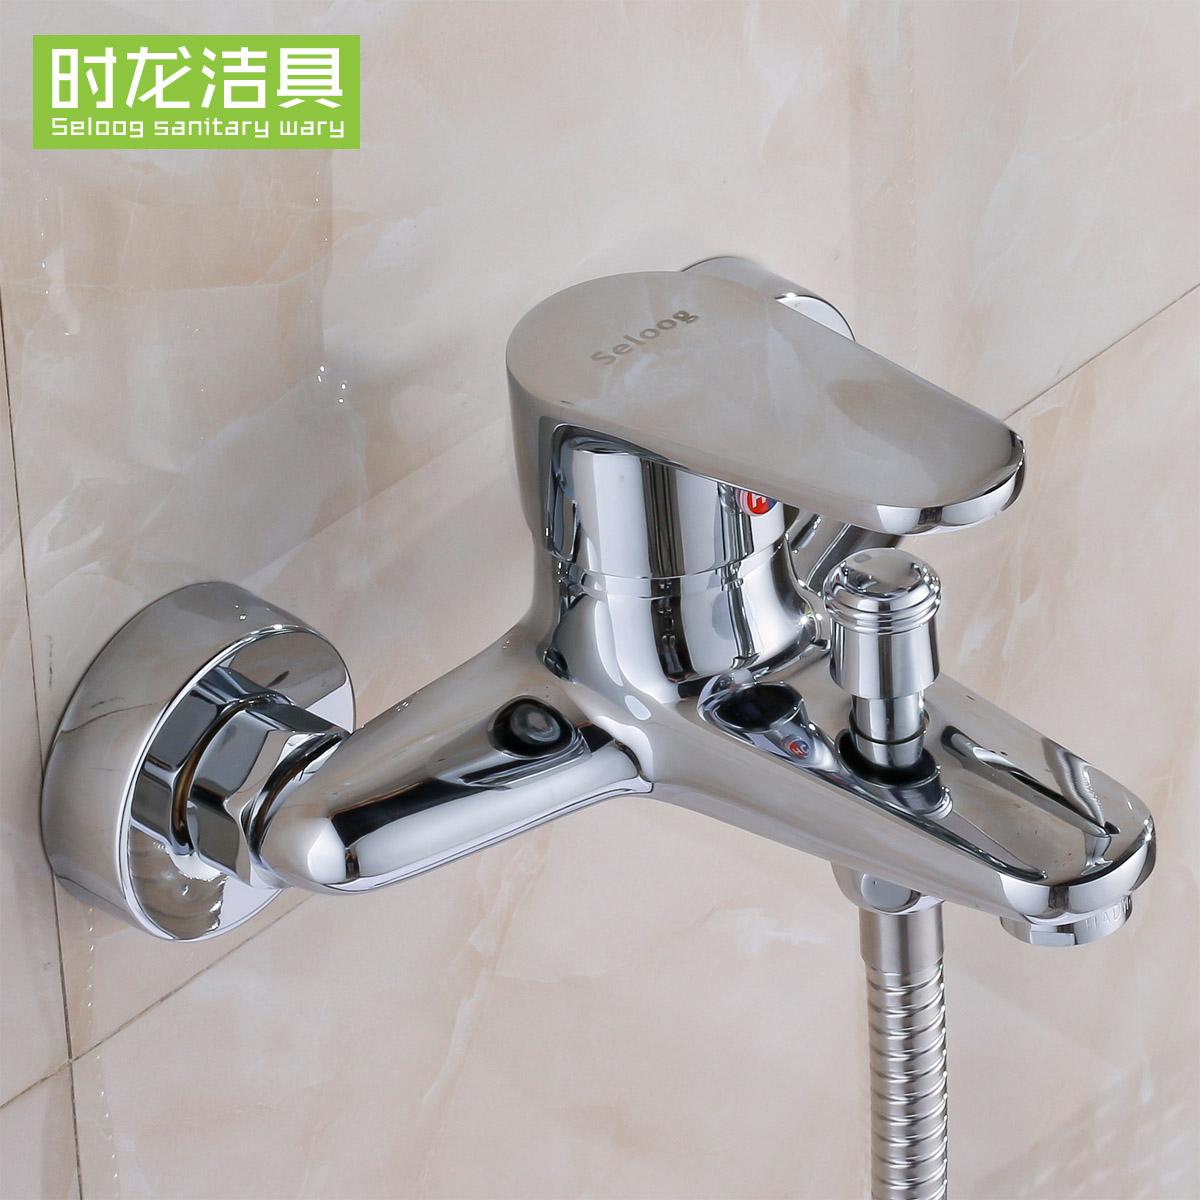 时龙全铜三联浴缸淋浴龙头S145003